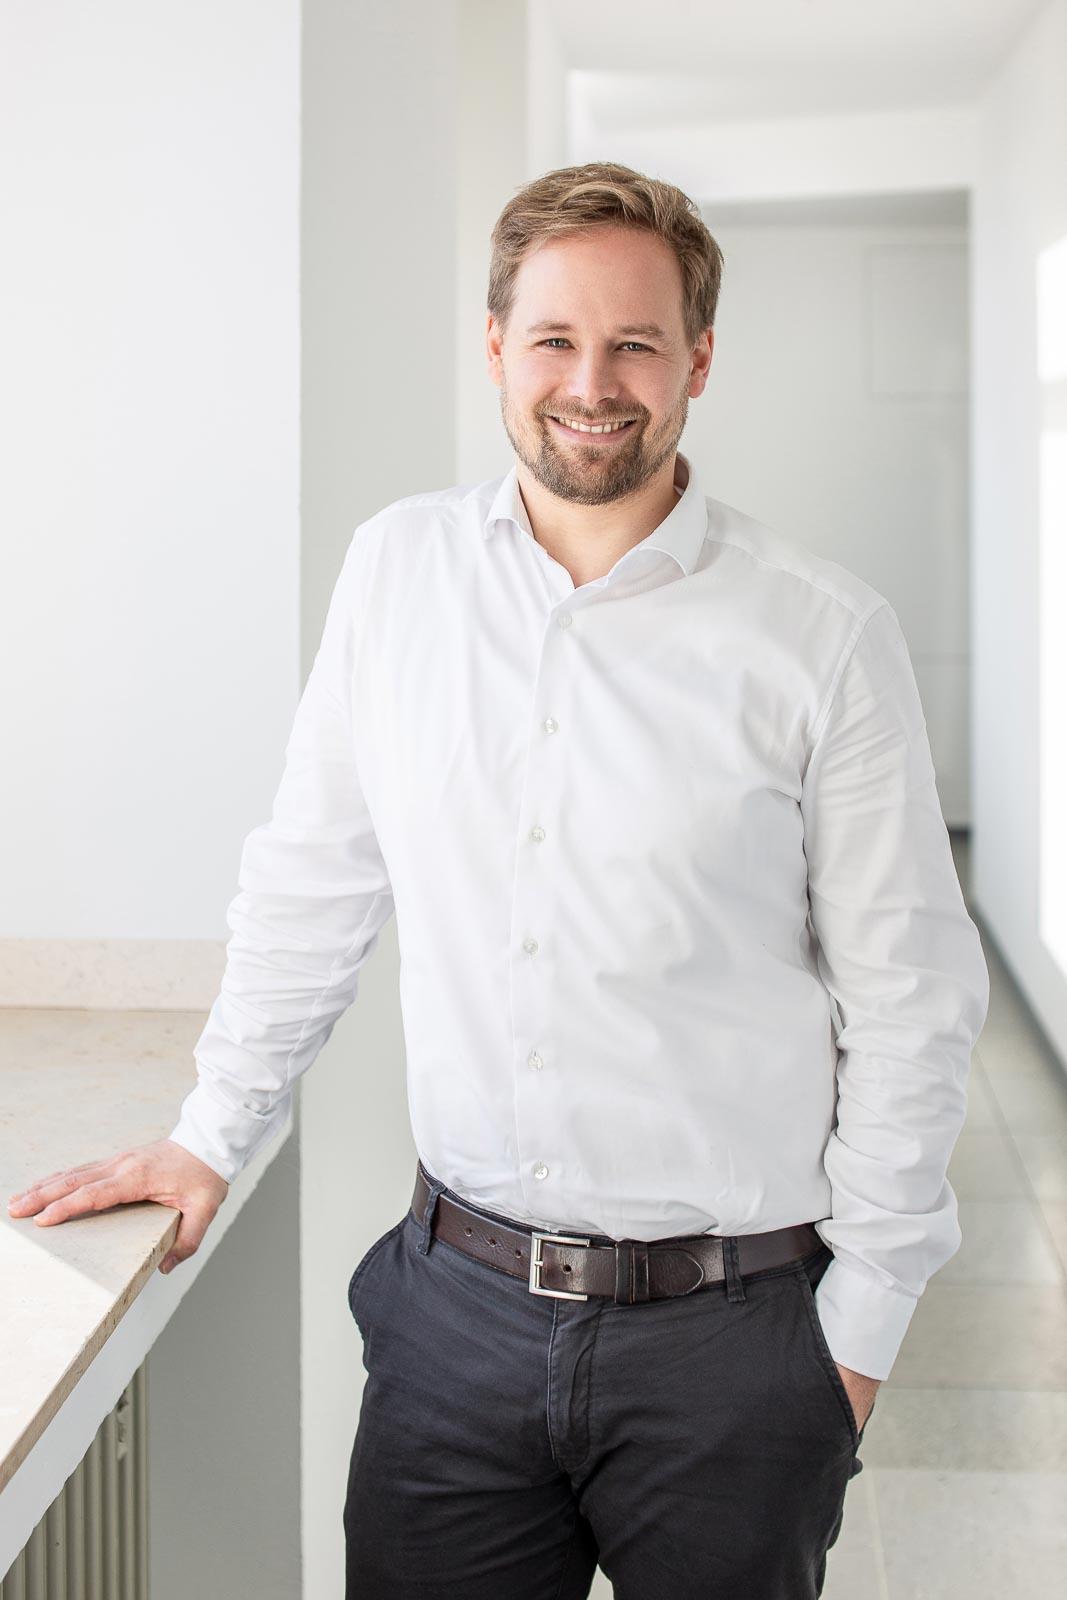 Christian Vogler